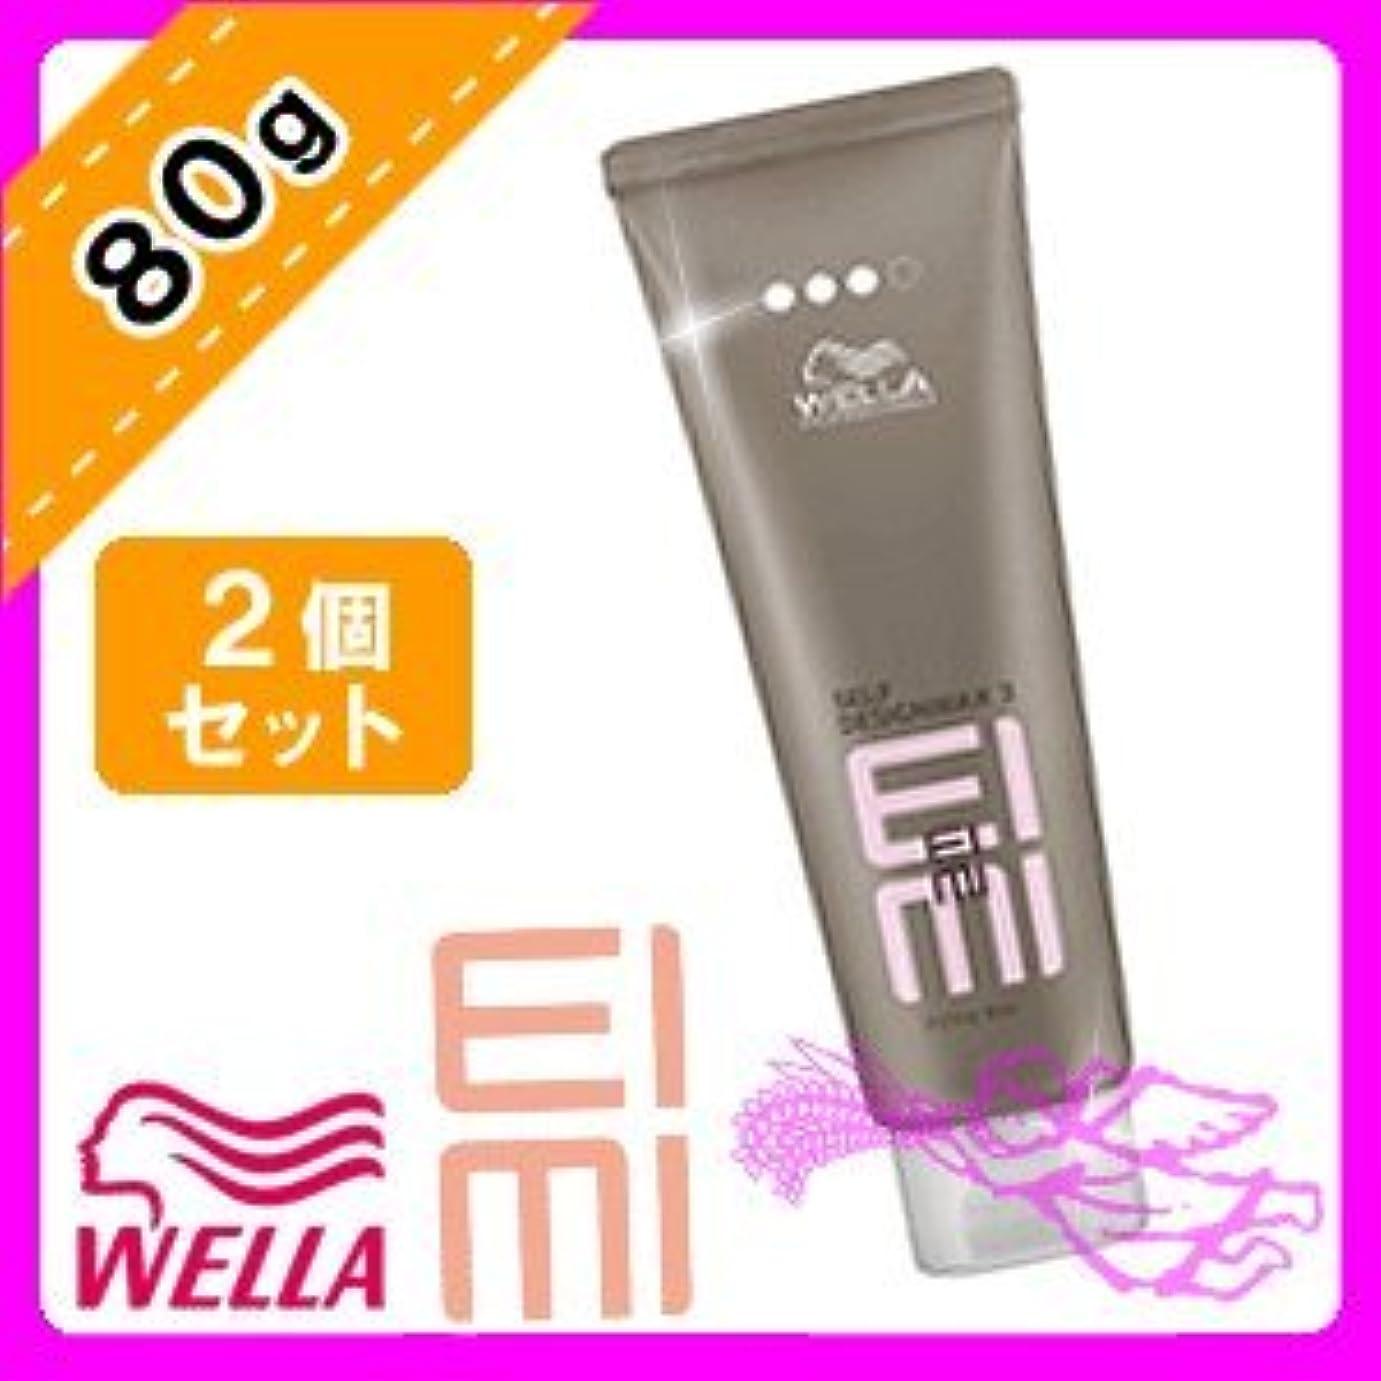 ダメージ見るネクタイウエラ EIMI(アイミィ) セルフデザインワックス3 80g ×2個 セット WELLA P&G